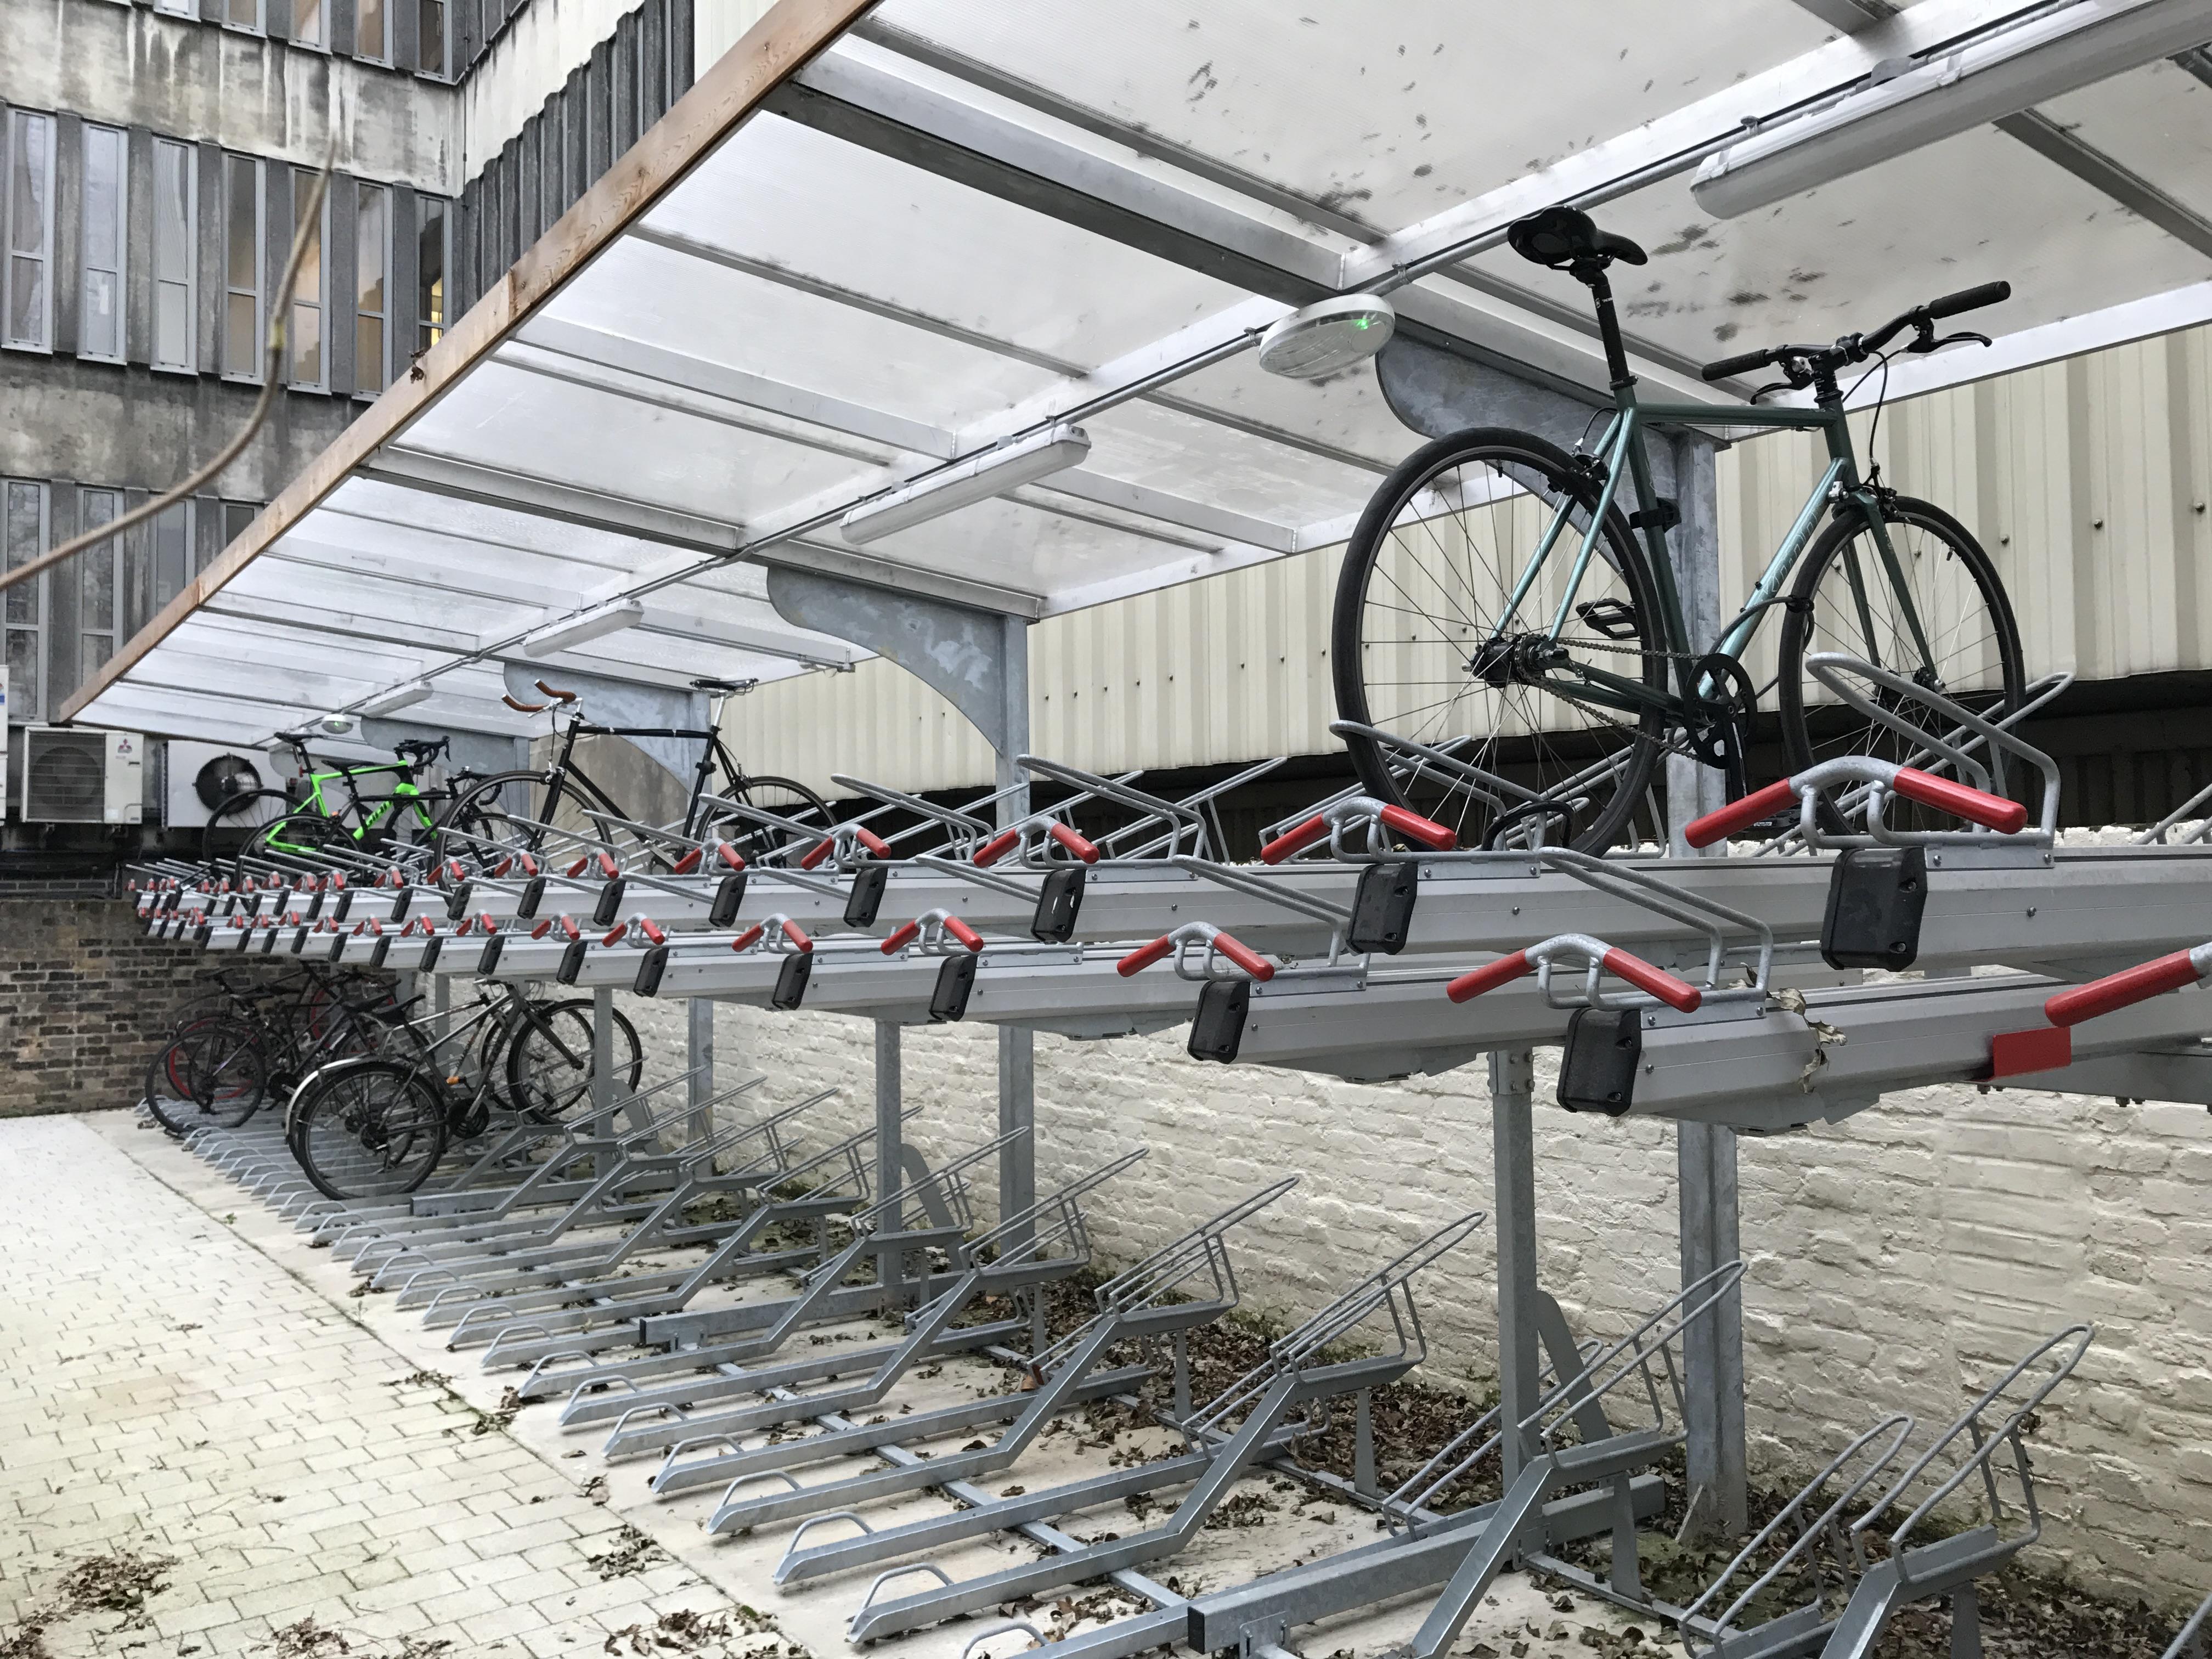 22 Gordon Street bike racks